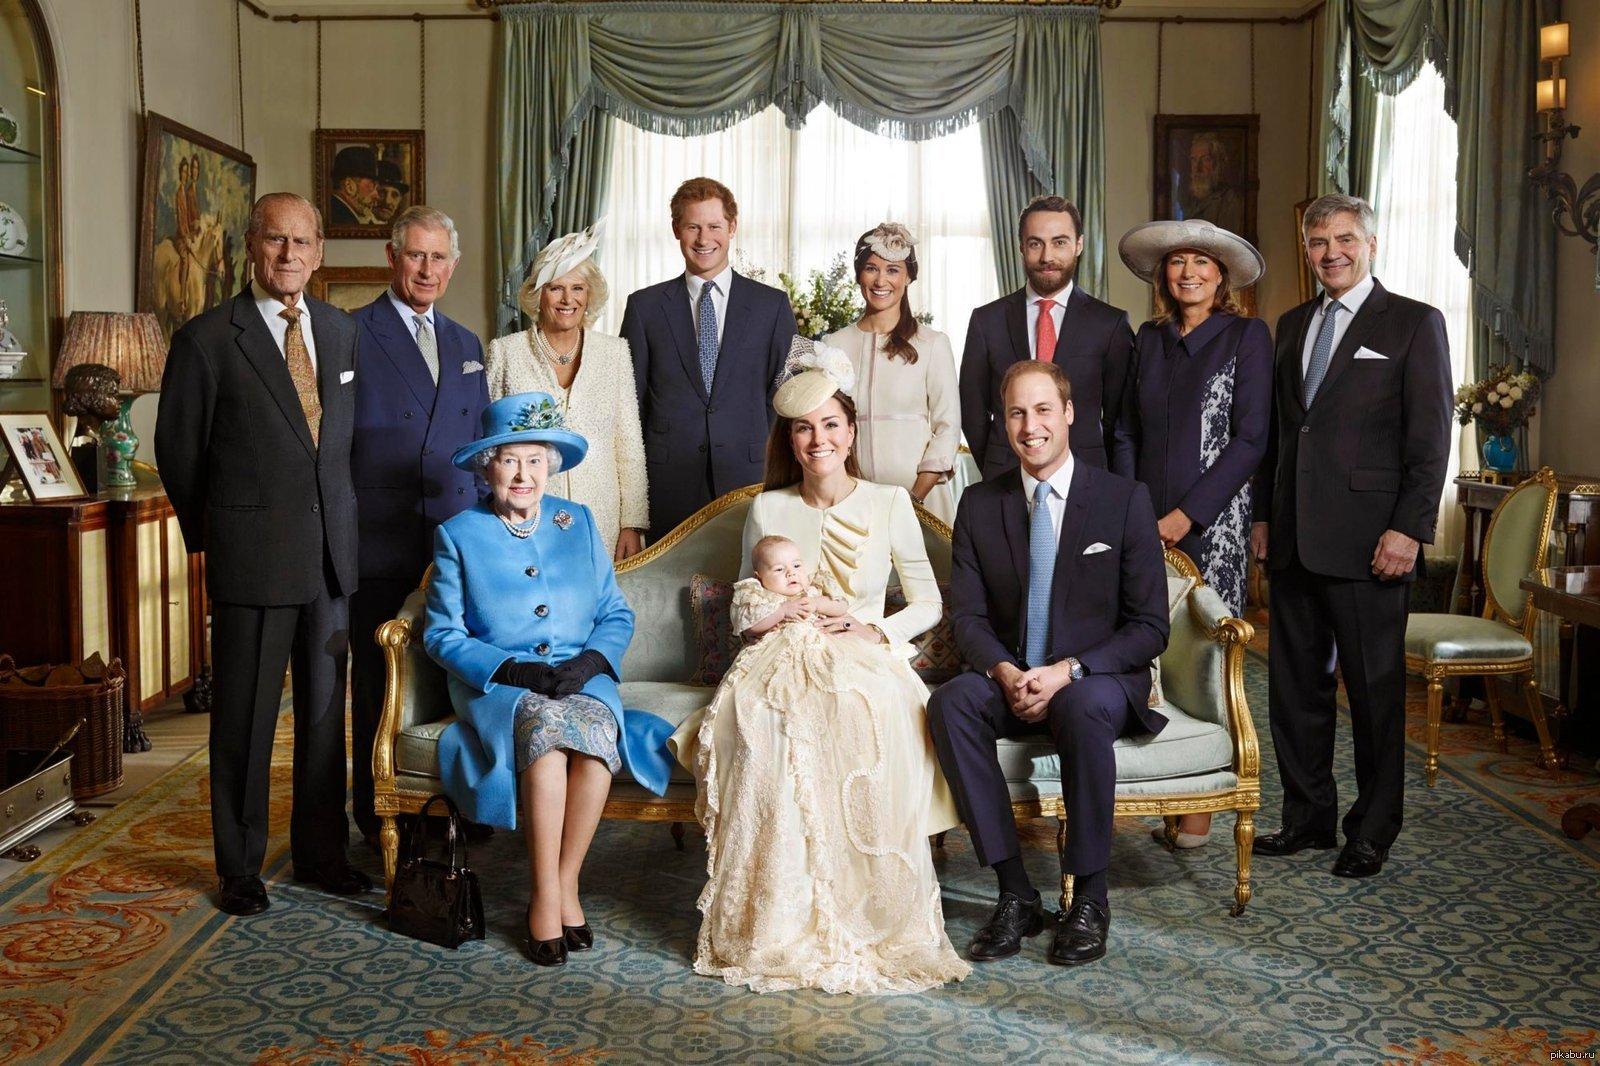 Стало известно, сколько зарабатывают члены королевской семьи Великобритании